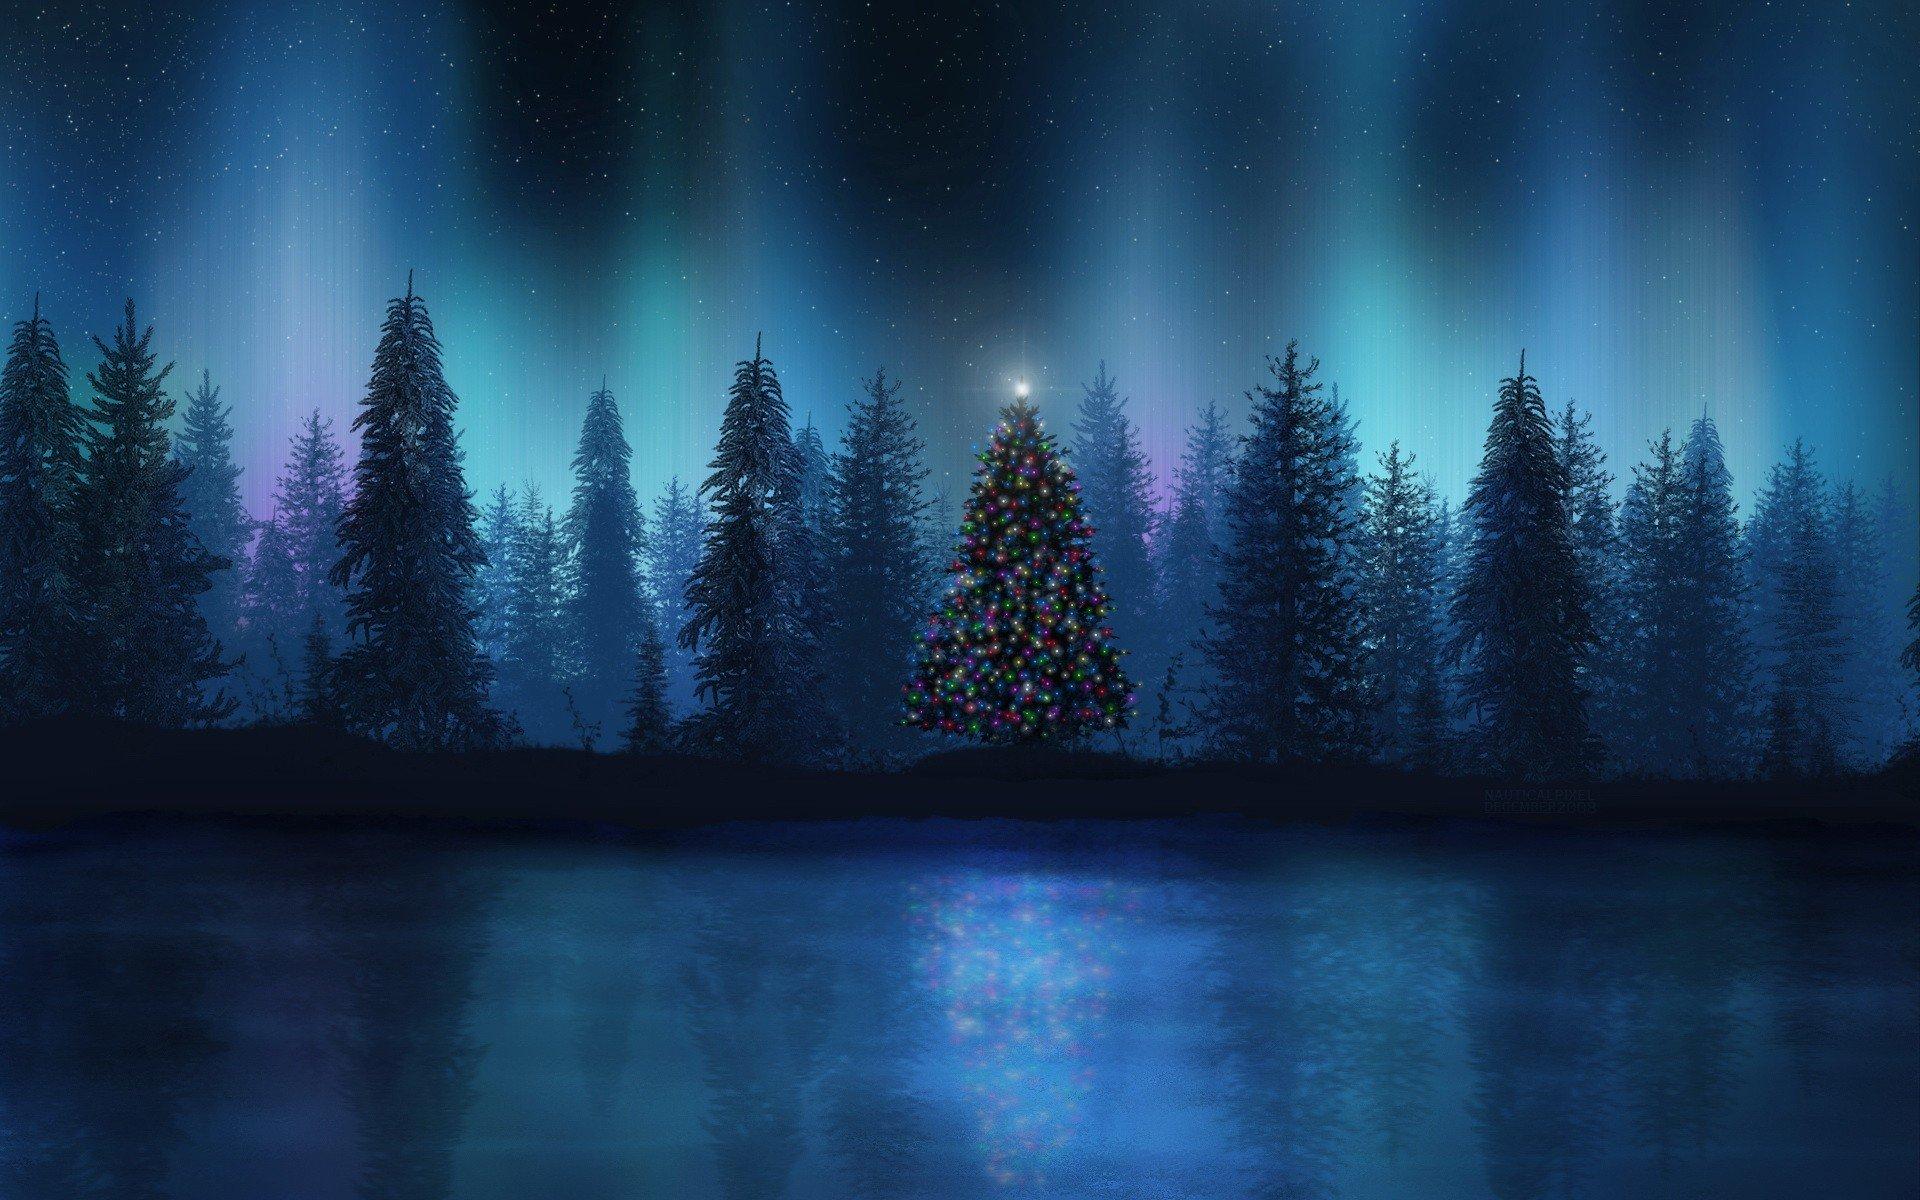 природа деревья ель небо звезды загрузить